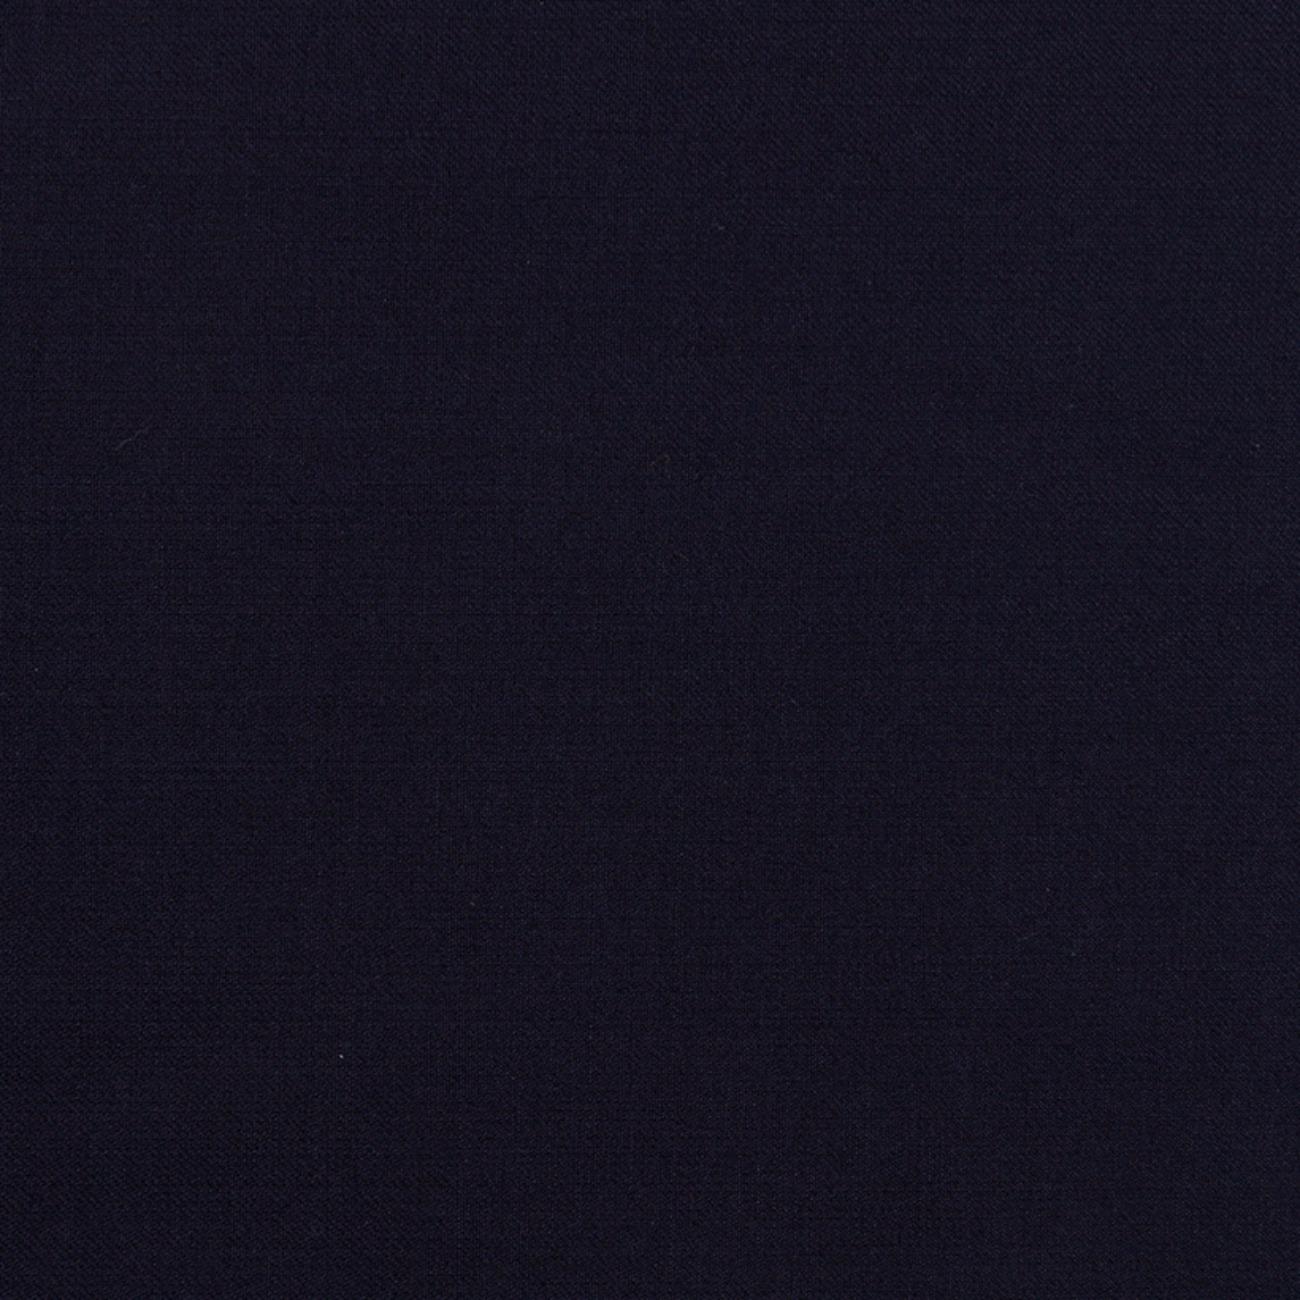 毛纺 素色 羊毛 斜纹 染色 薄 精仿 西装 职业装 春秋 女装 男装 71122-59